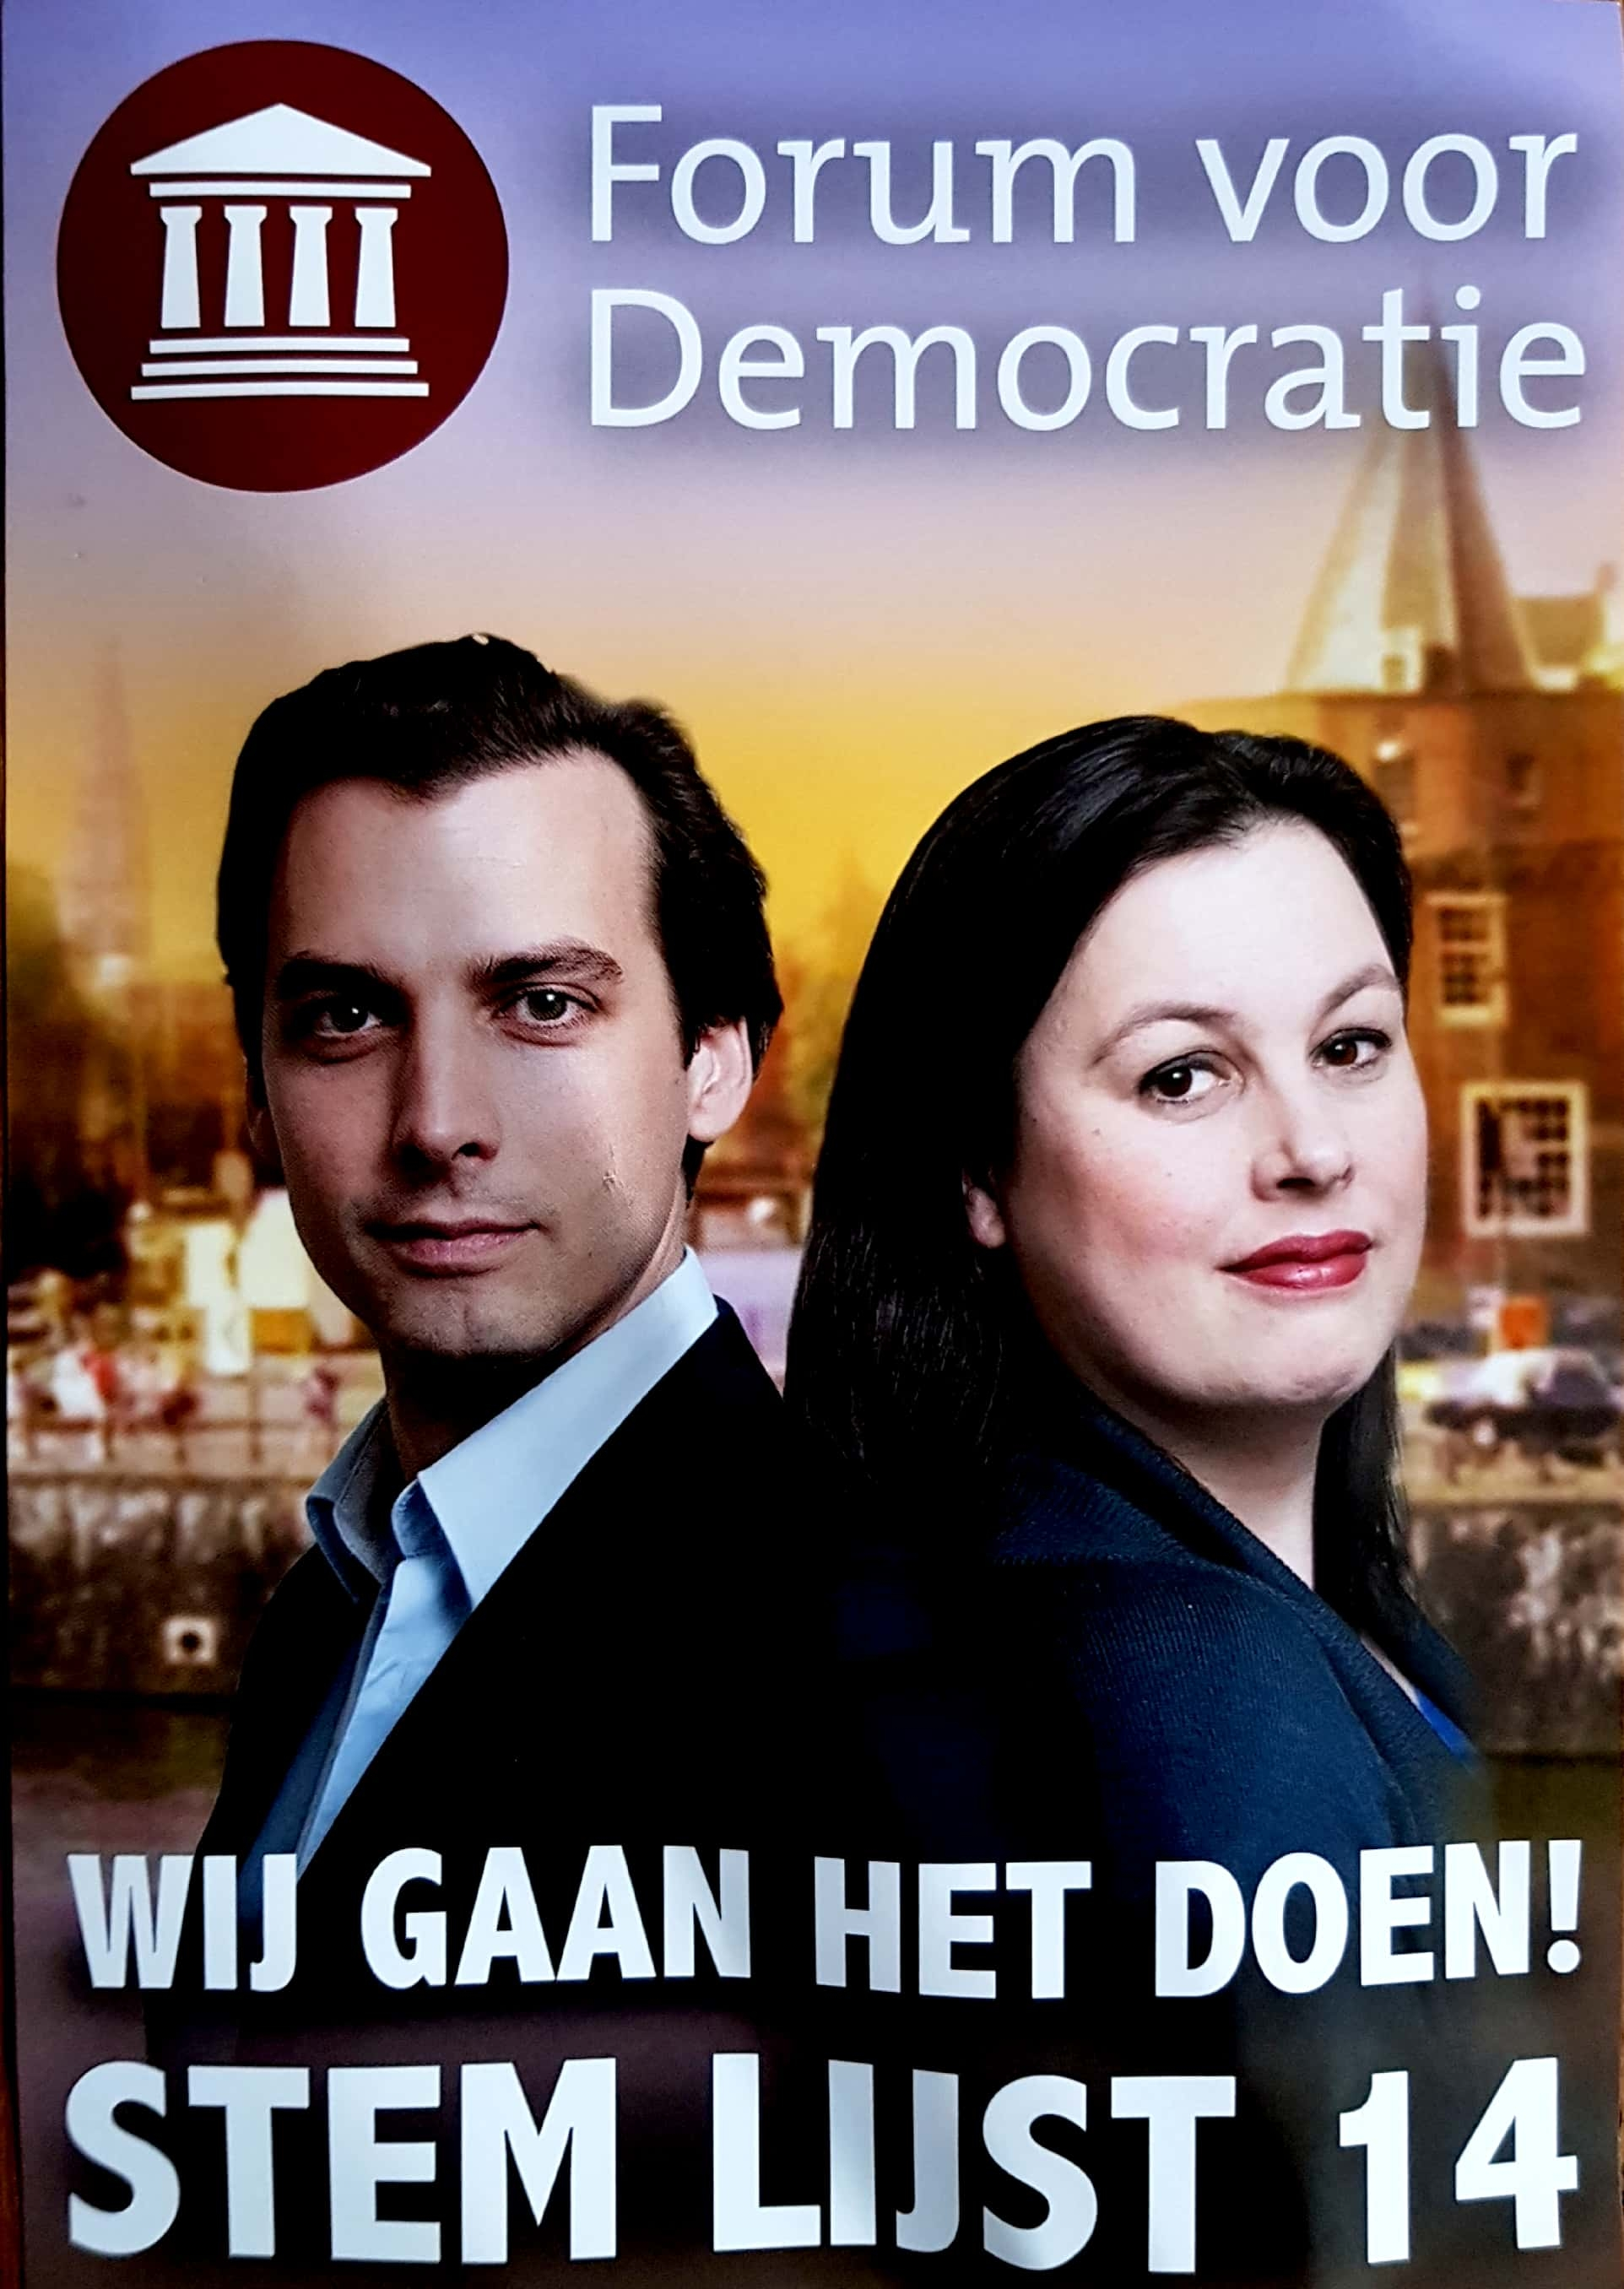 'Ongevraagde' politieke flyers